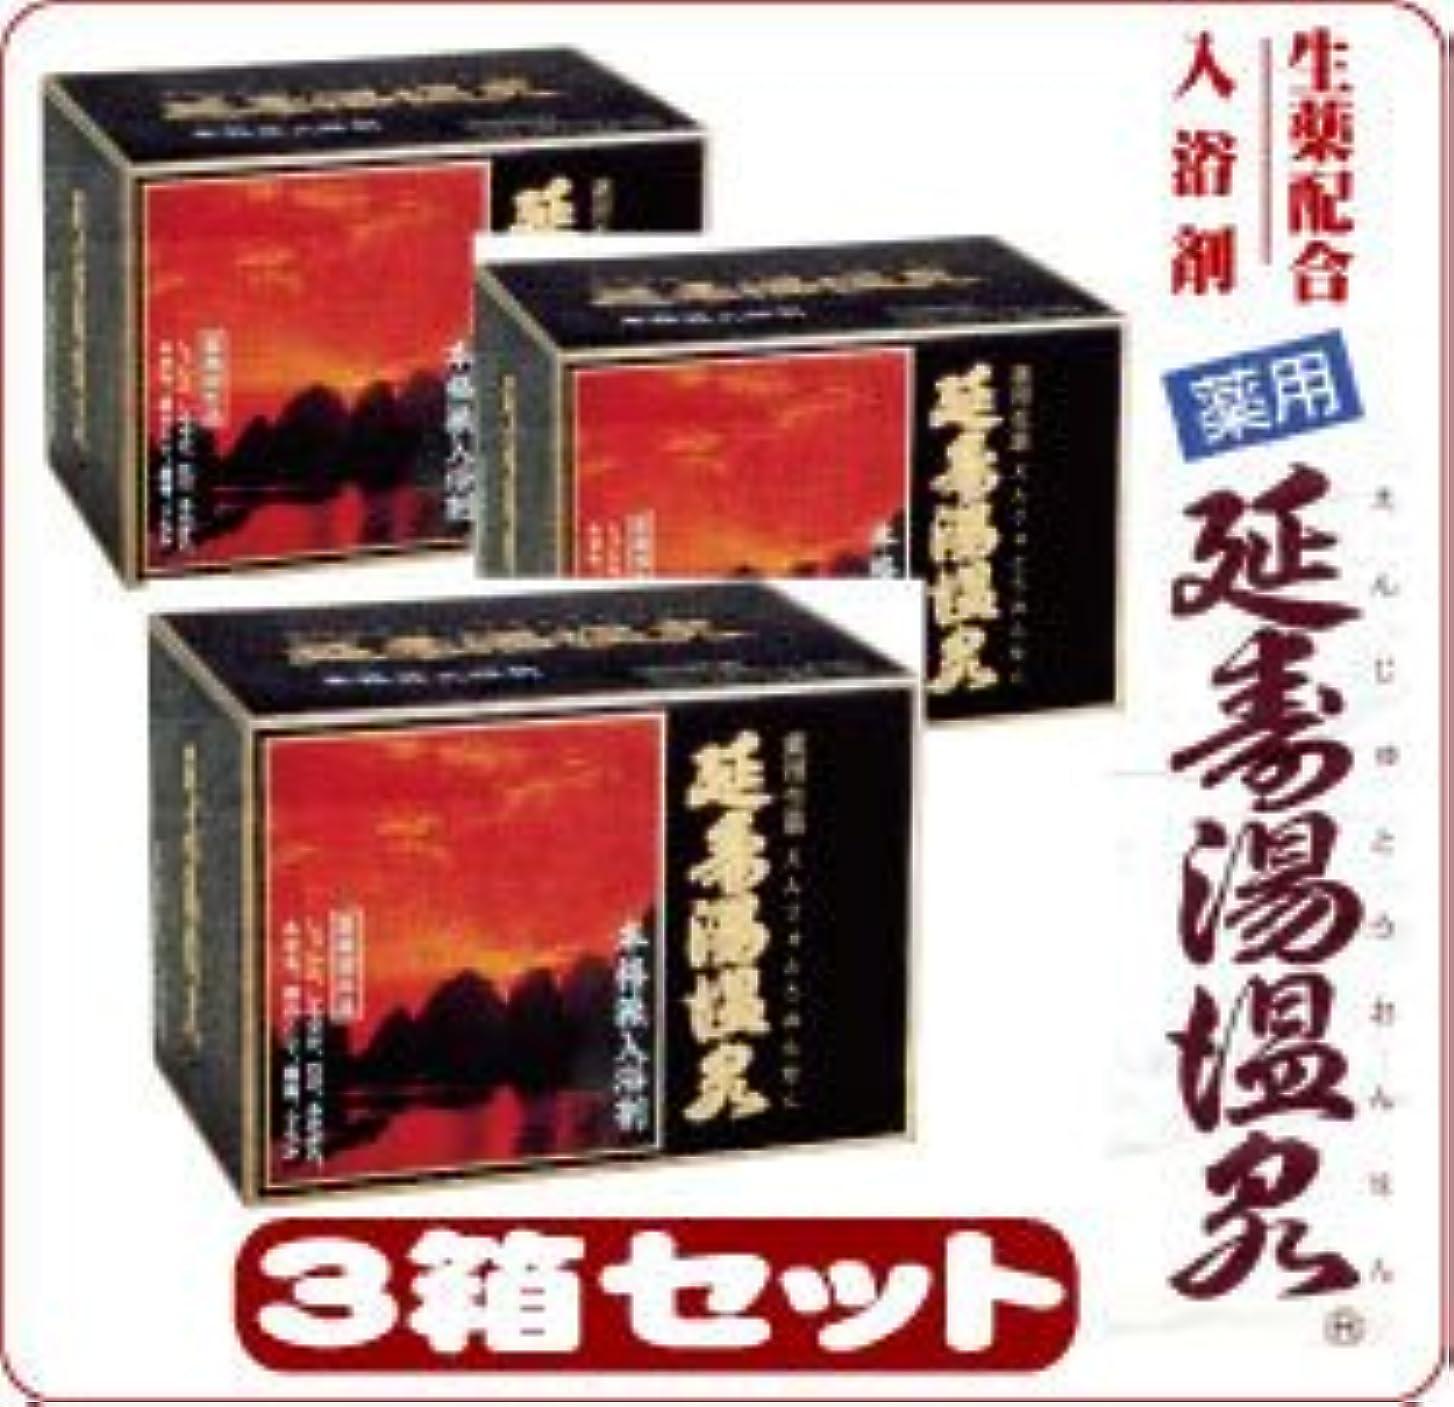 ウェブ側下向き【薬用入浴剤】  延寿湯温泉 50gX12包み 3箱セット  【天然生薬配合】